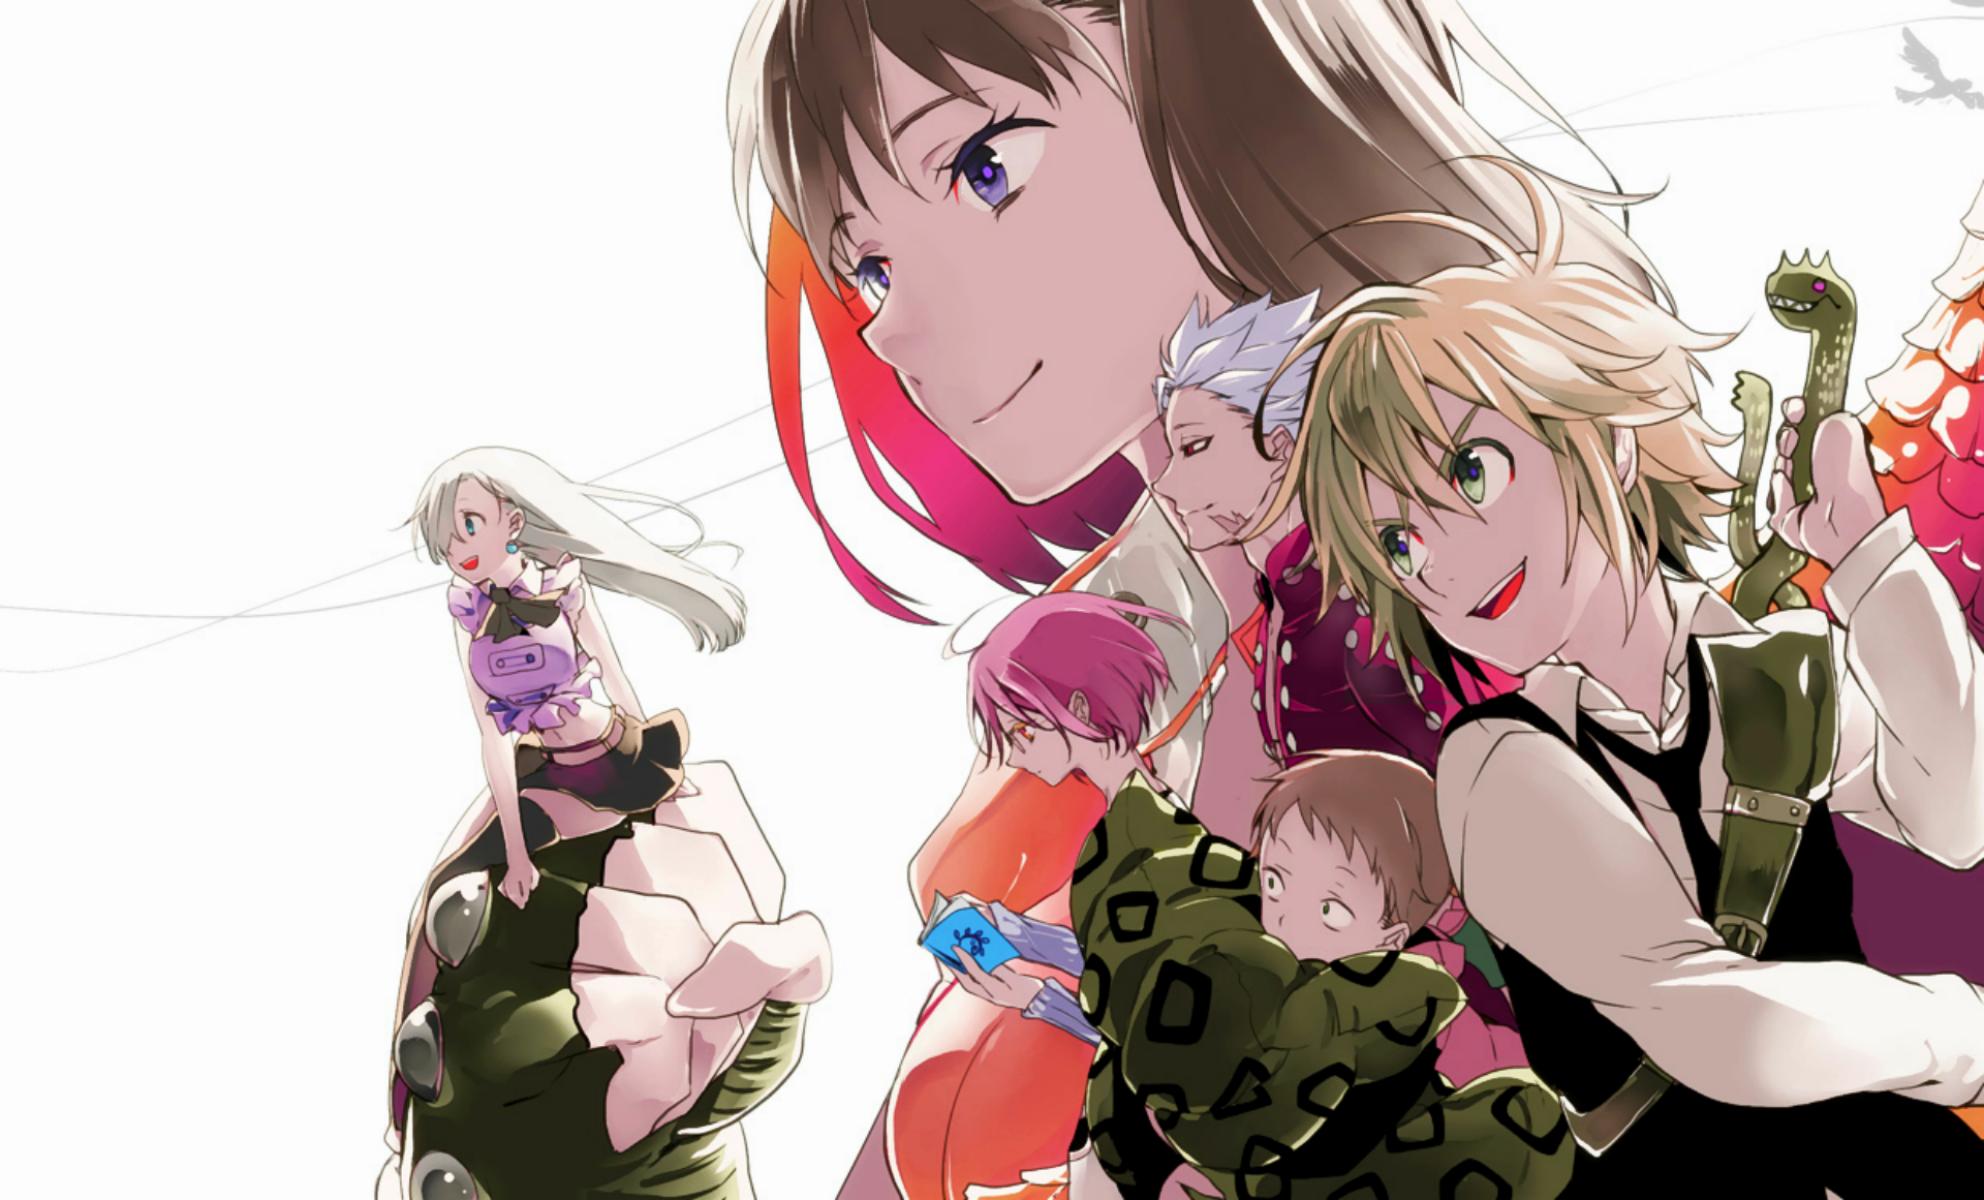 Sfondi illustrazione anime cartone animato nanatsu non taizai